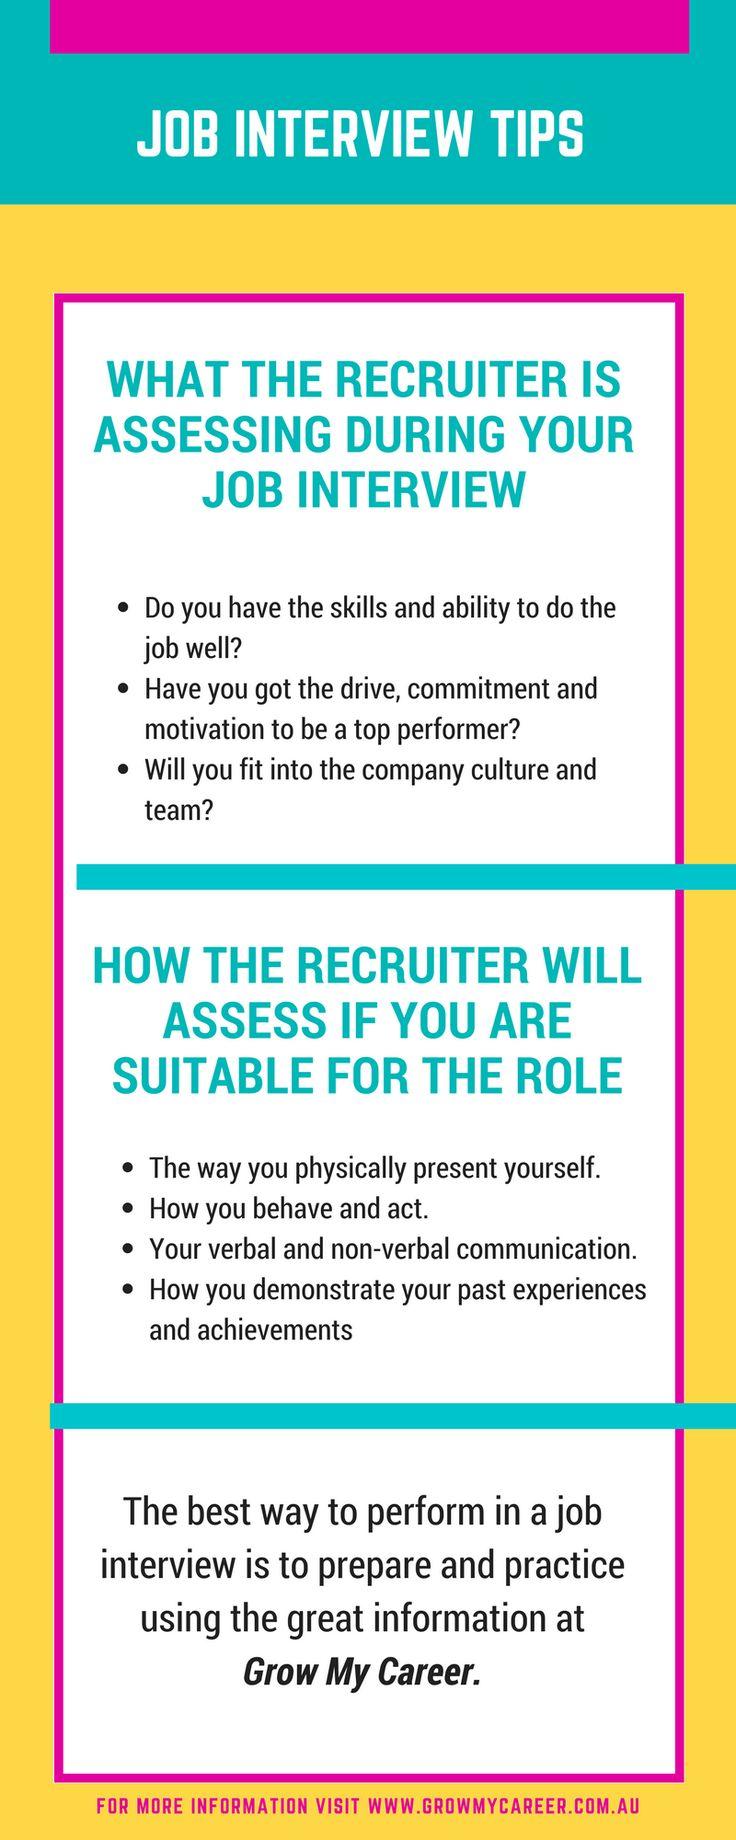 トップ 17 「best interview tips」のおしゃれアイデアまとめ job interview tips